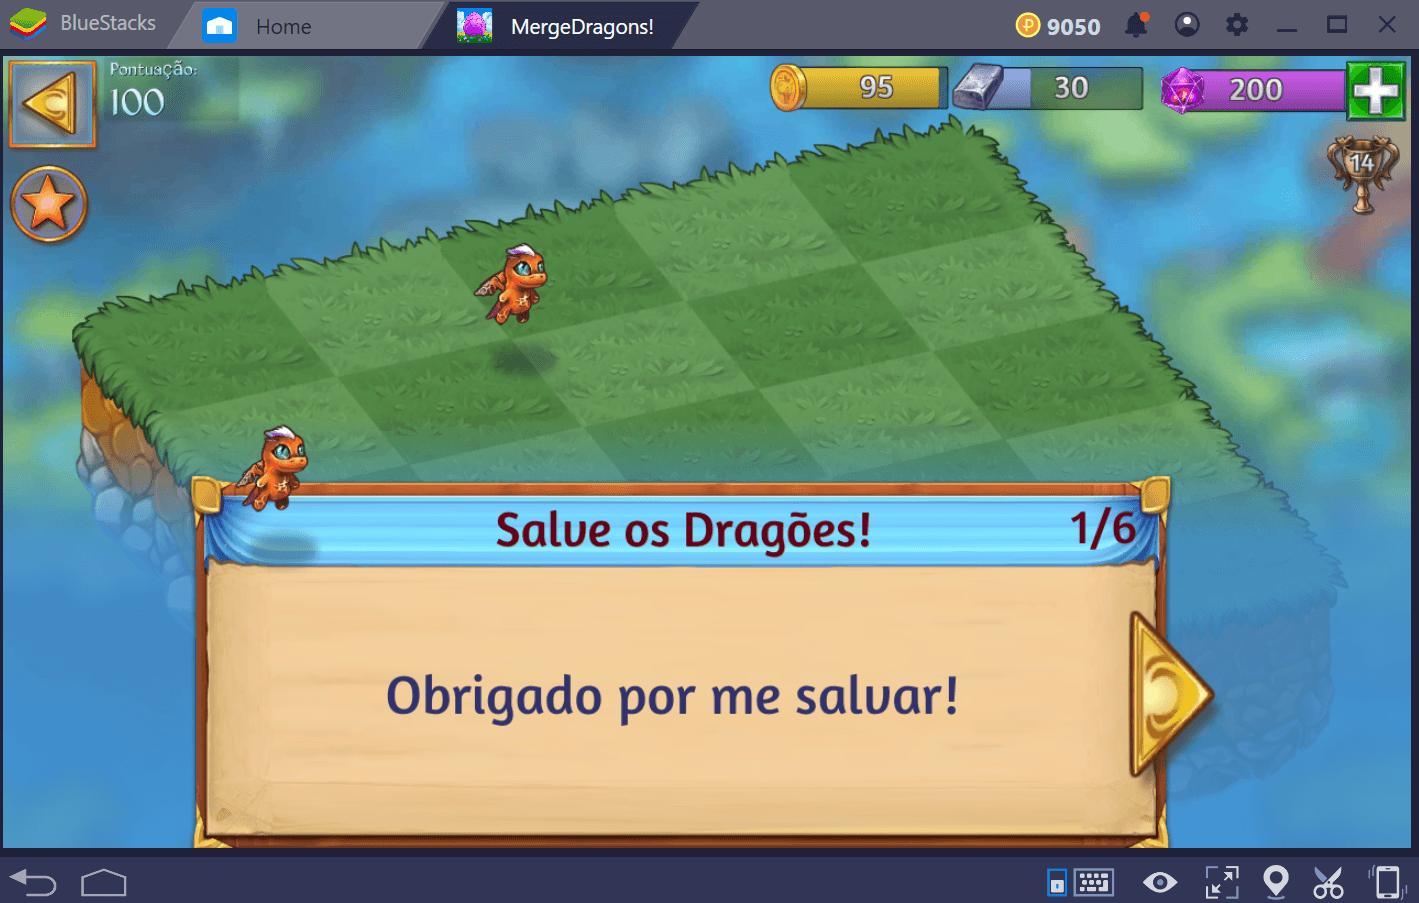 Dicas rápidas para se sair bem em Merge Dragons!